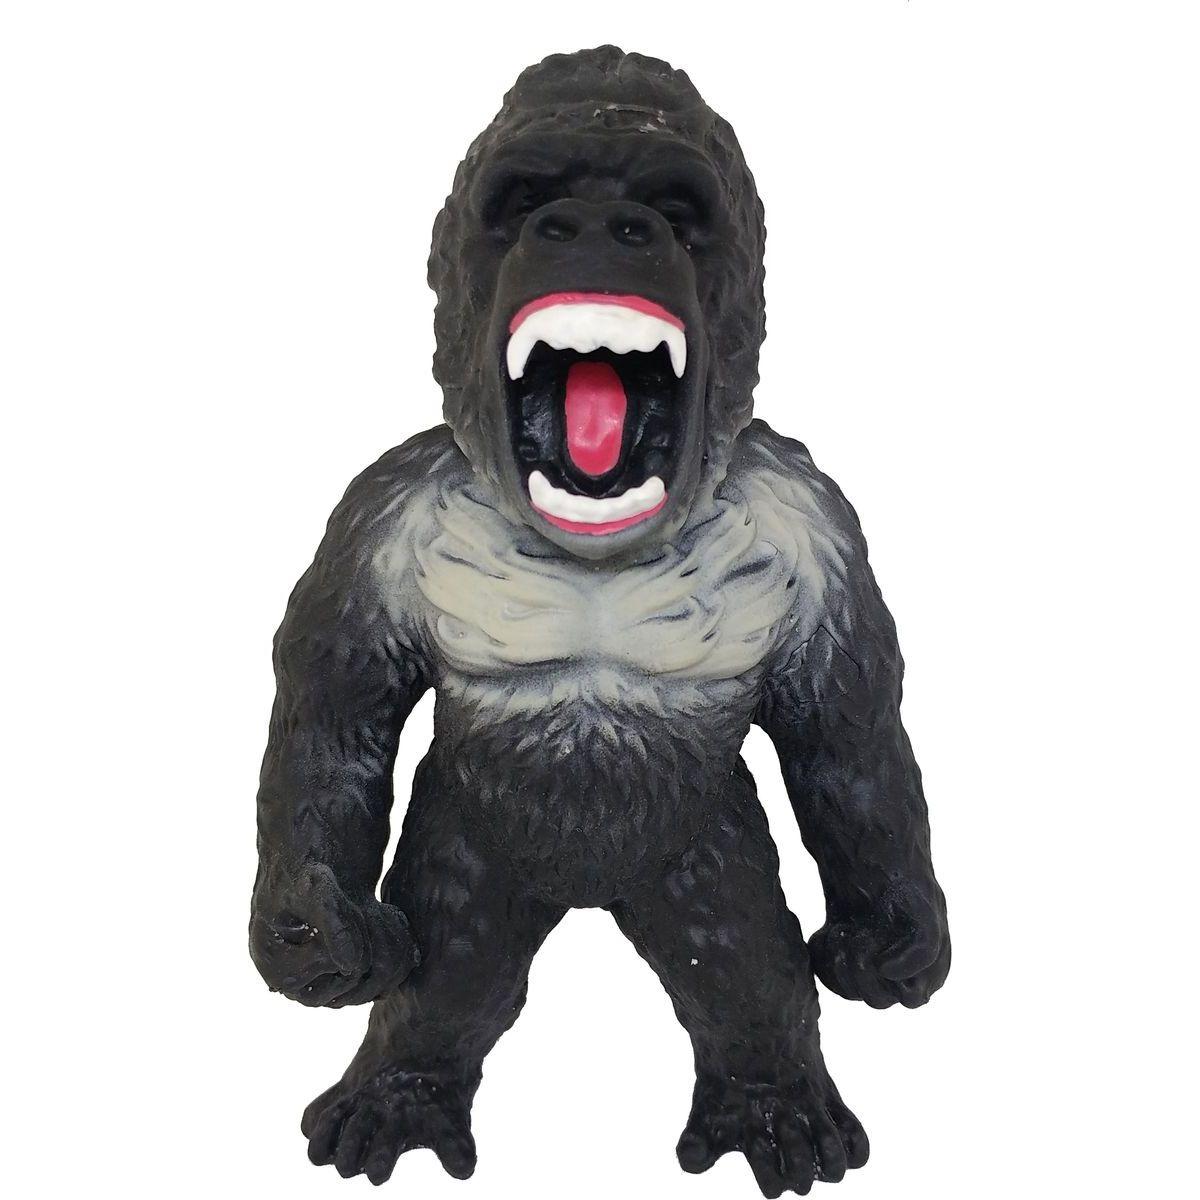 Flexi Monster figurka černá gorila